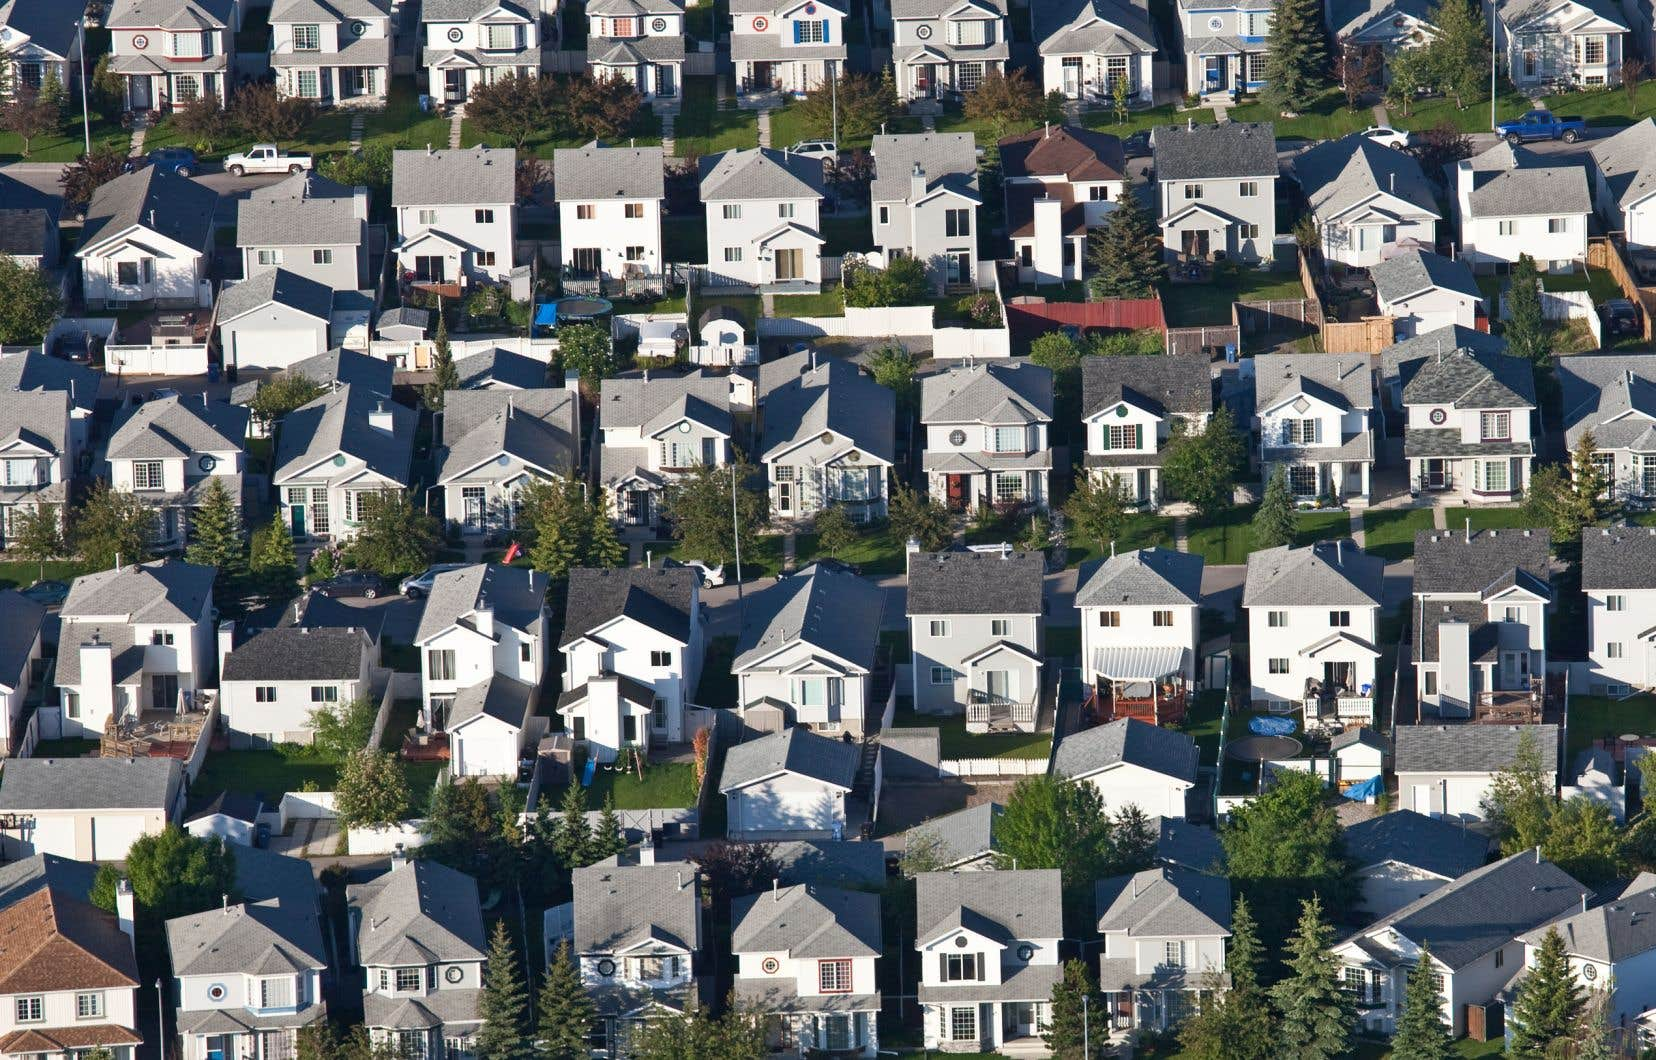 Le pointage de crédit minimal pour obtenir une assurance hypothécaire auprès de la Société canadienne d'hypothèques et de logement est maintenant de 680 points